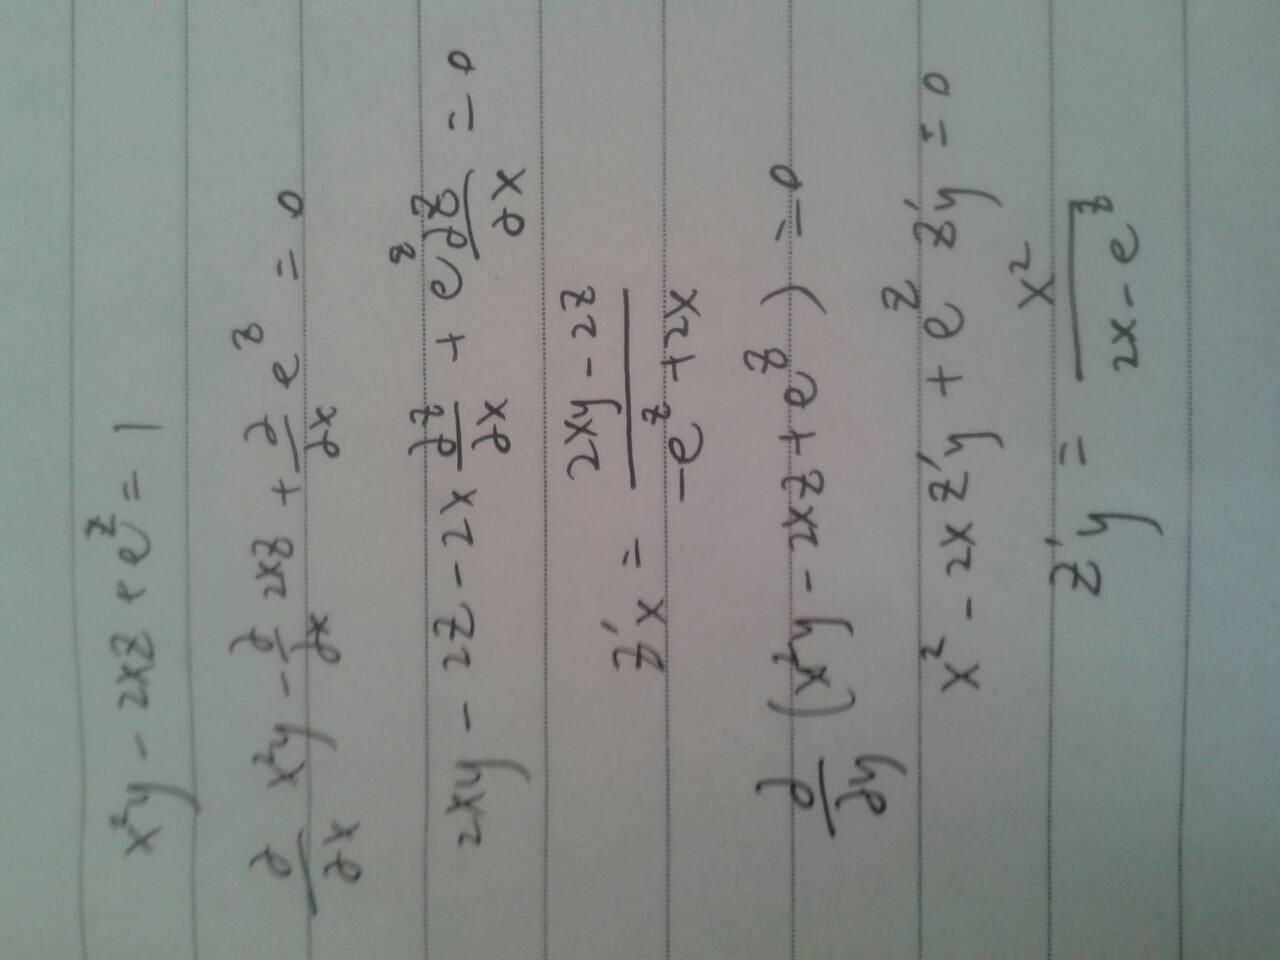 第二题,大学数学隐函数求导问题,求解.图片